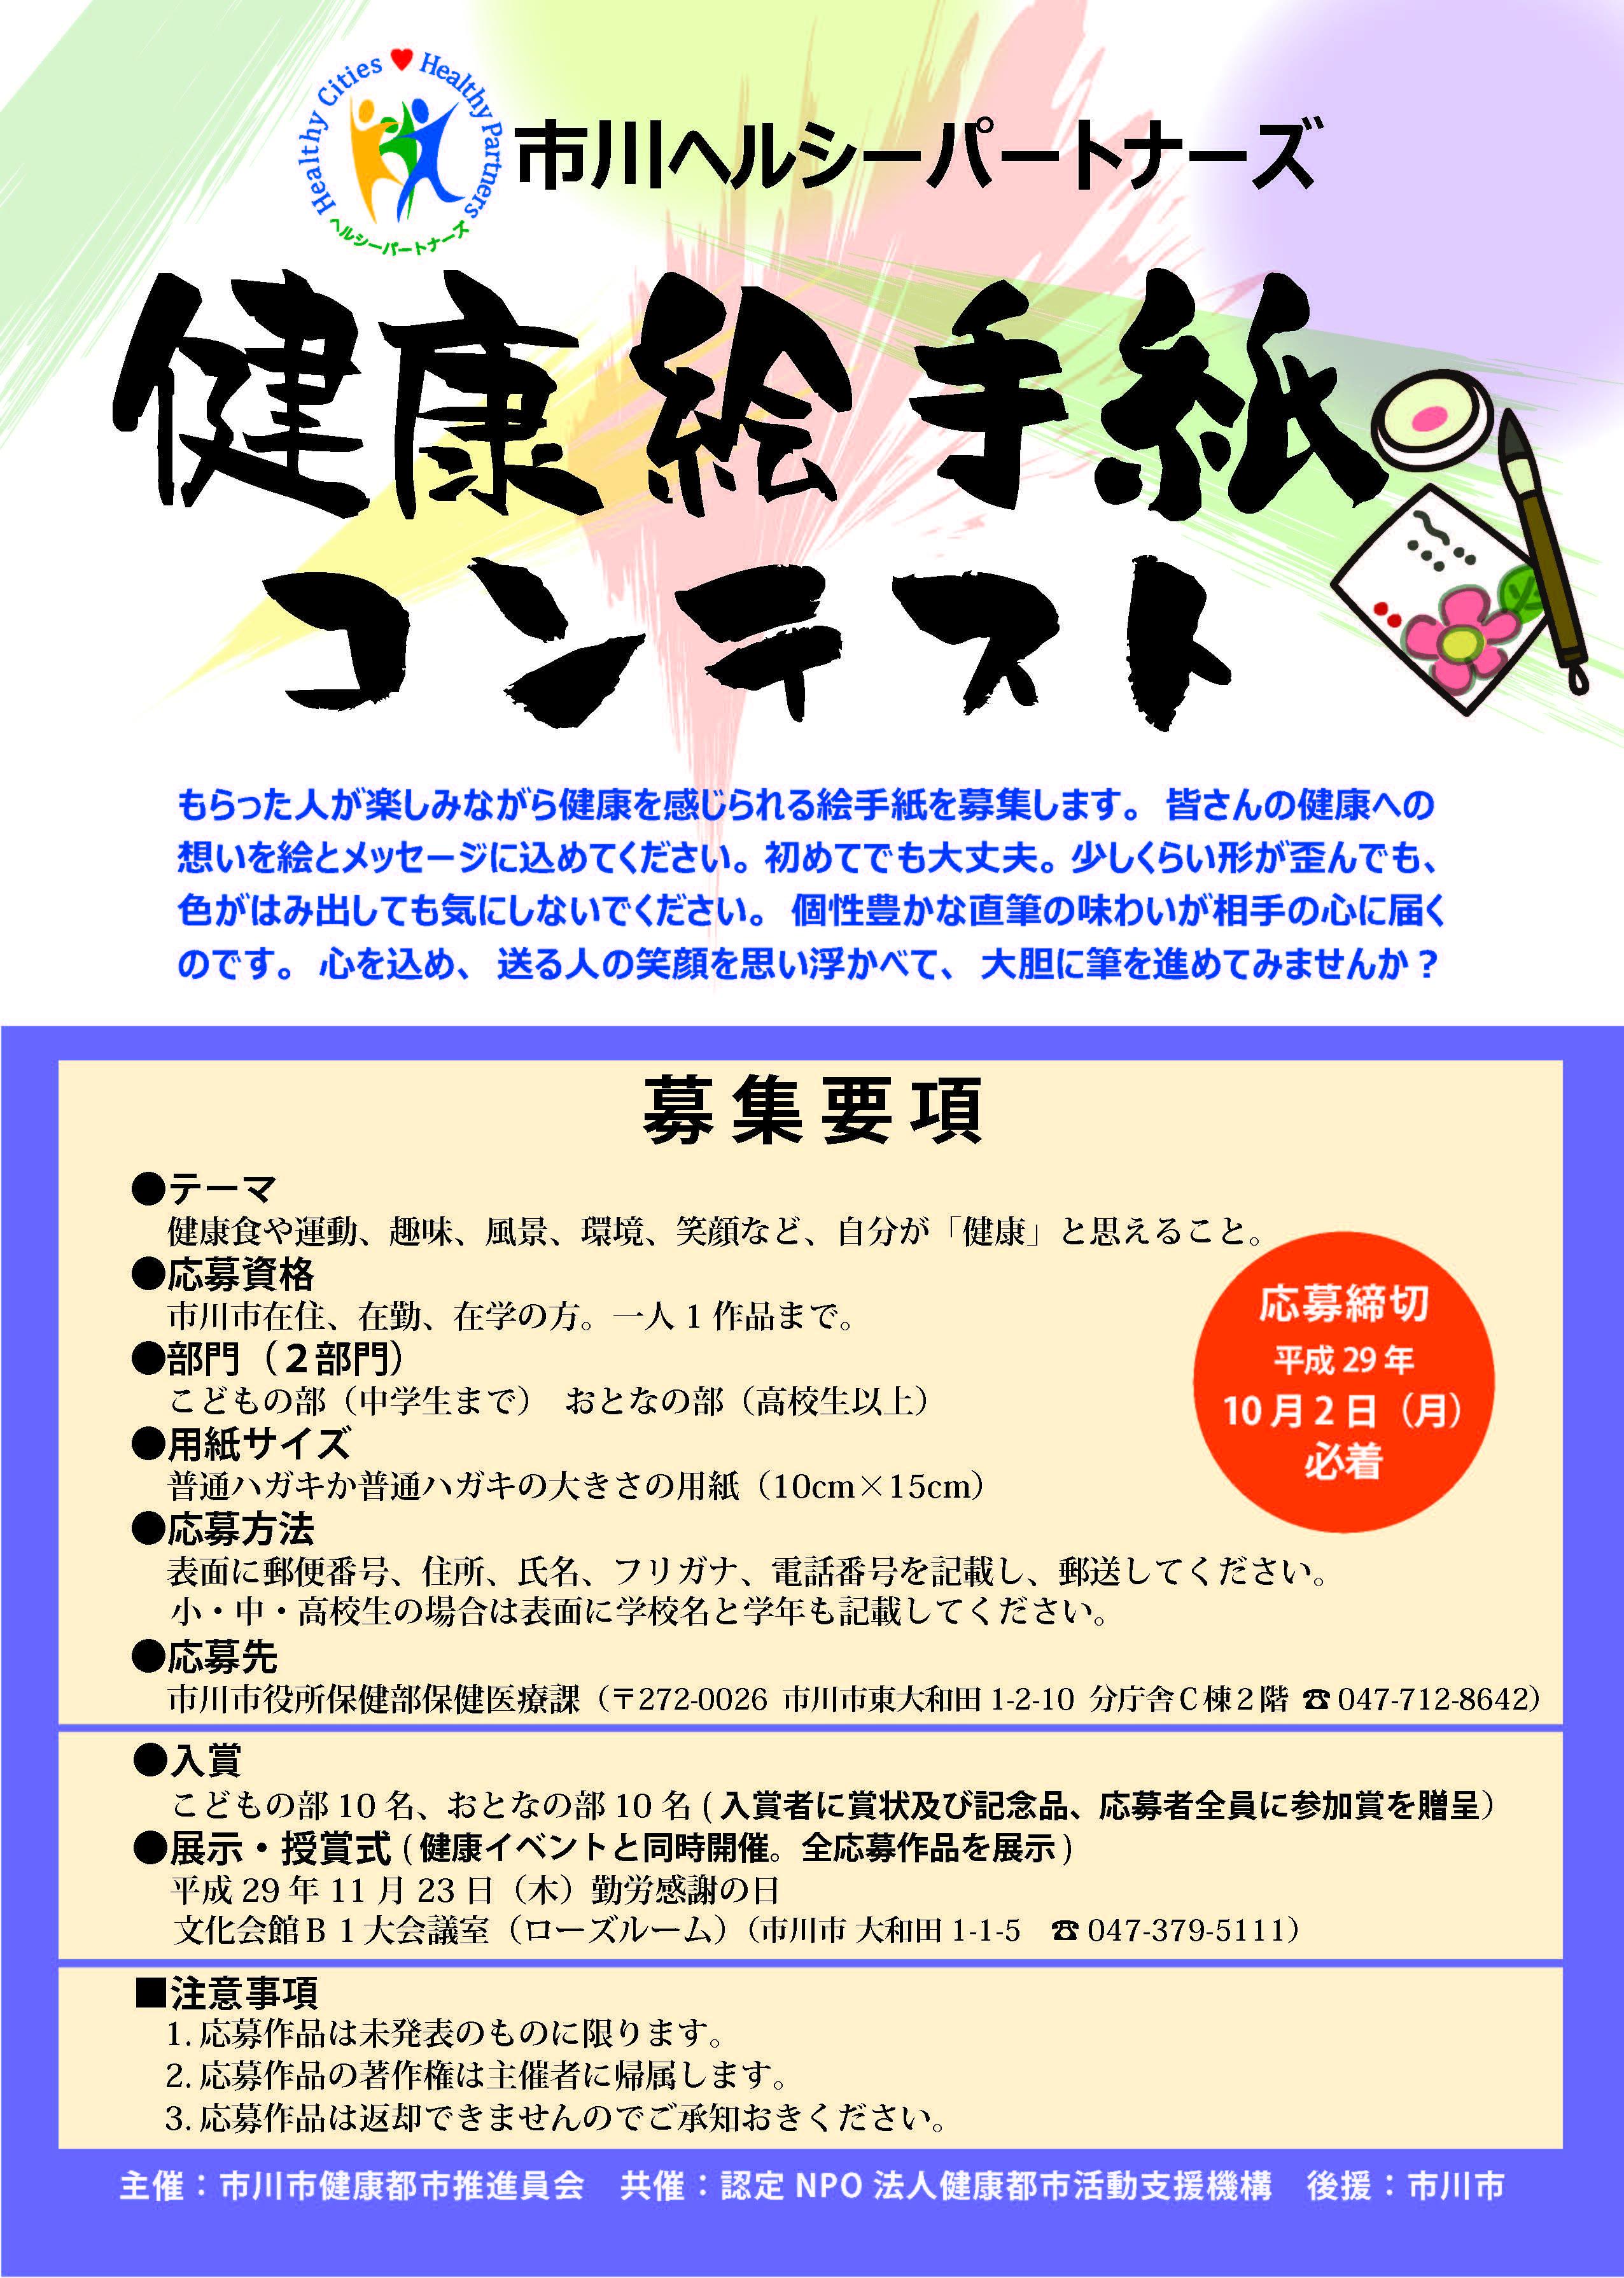 市川市|【終了しました】健康絵手紙コンテストを開催します!